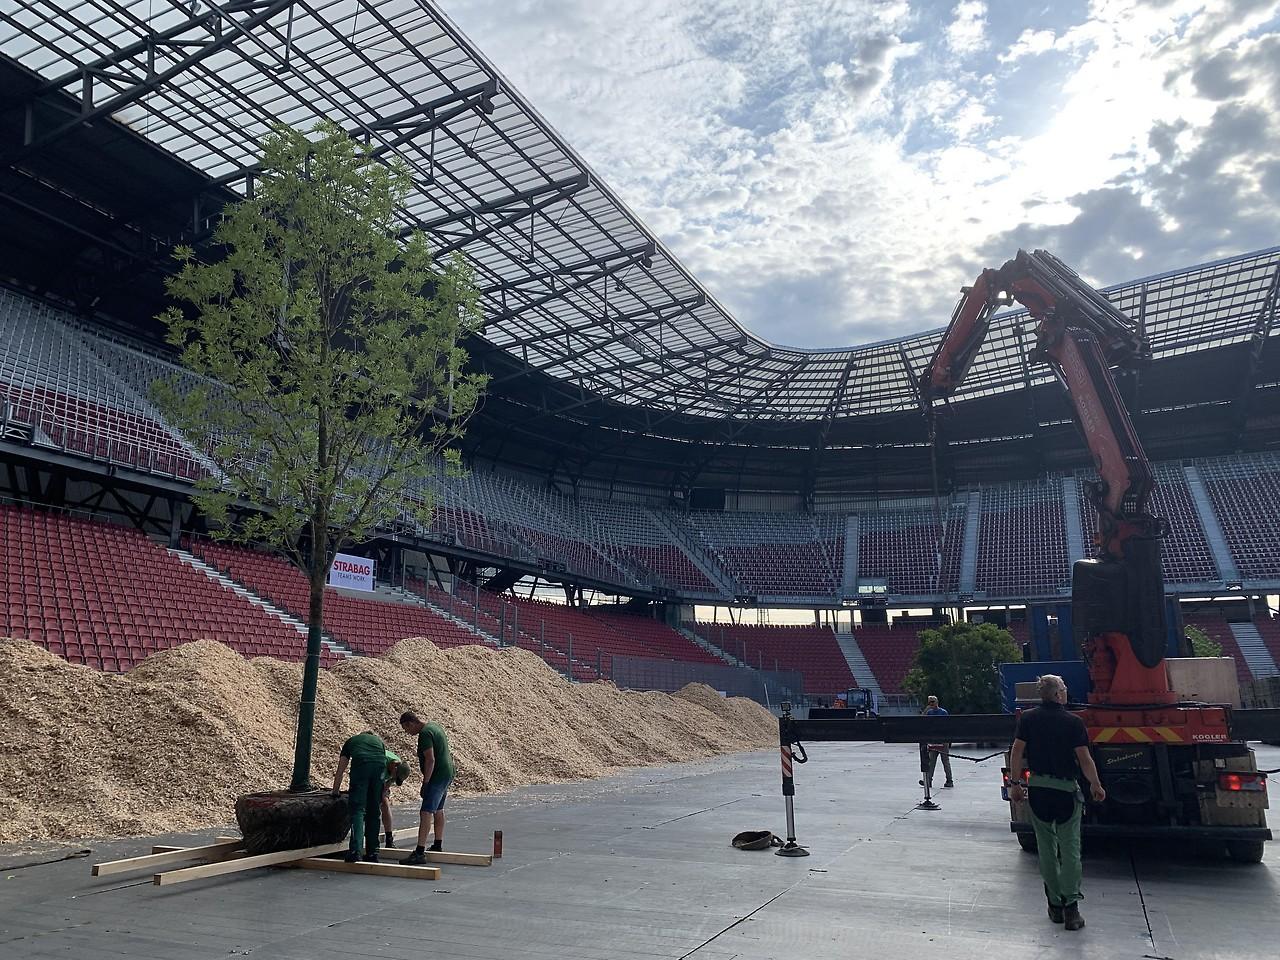 Baume Ziehen In Klagenfurter Stadion Ein Kaernten Orf At